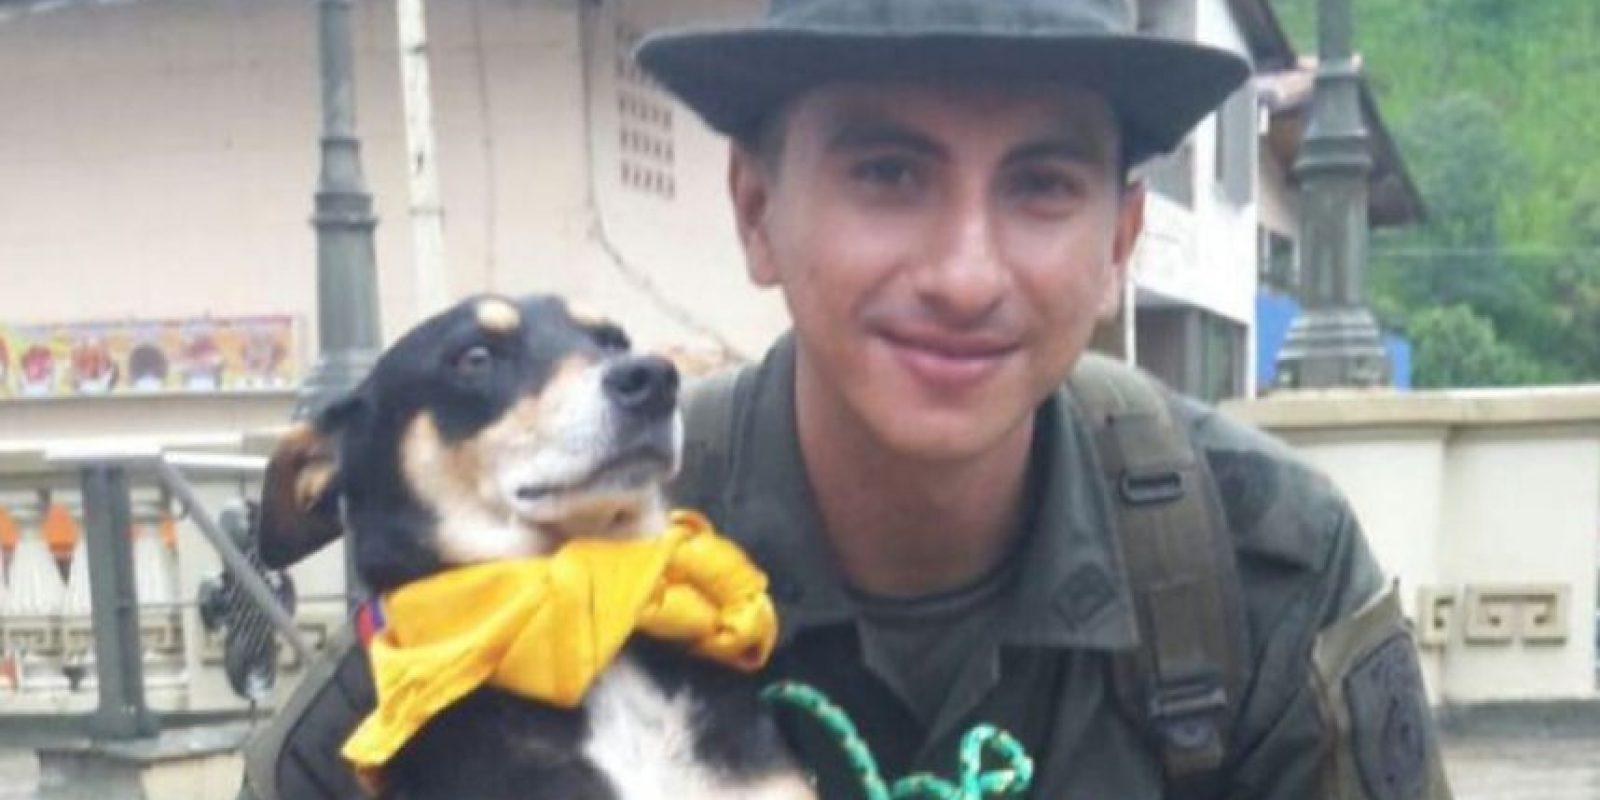 El agente Jeisson Amaya, de la Policía Nacional de Colombia, rescató a un perro que podía morir ahogado. Foto:Vía Twitter @policiacolombia